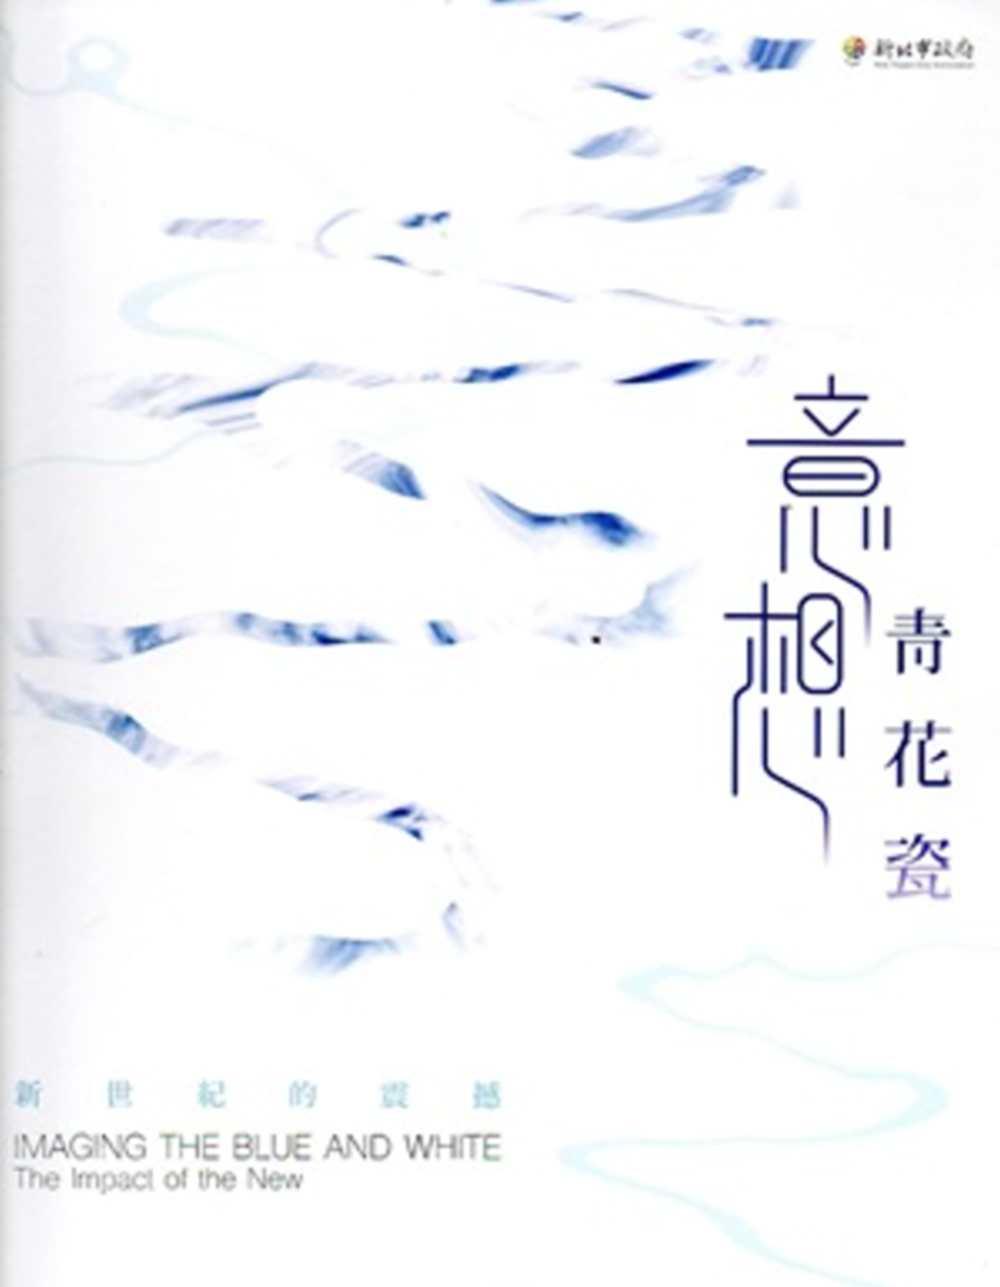 意想青花瓷:新世紀的震撼